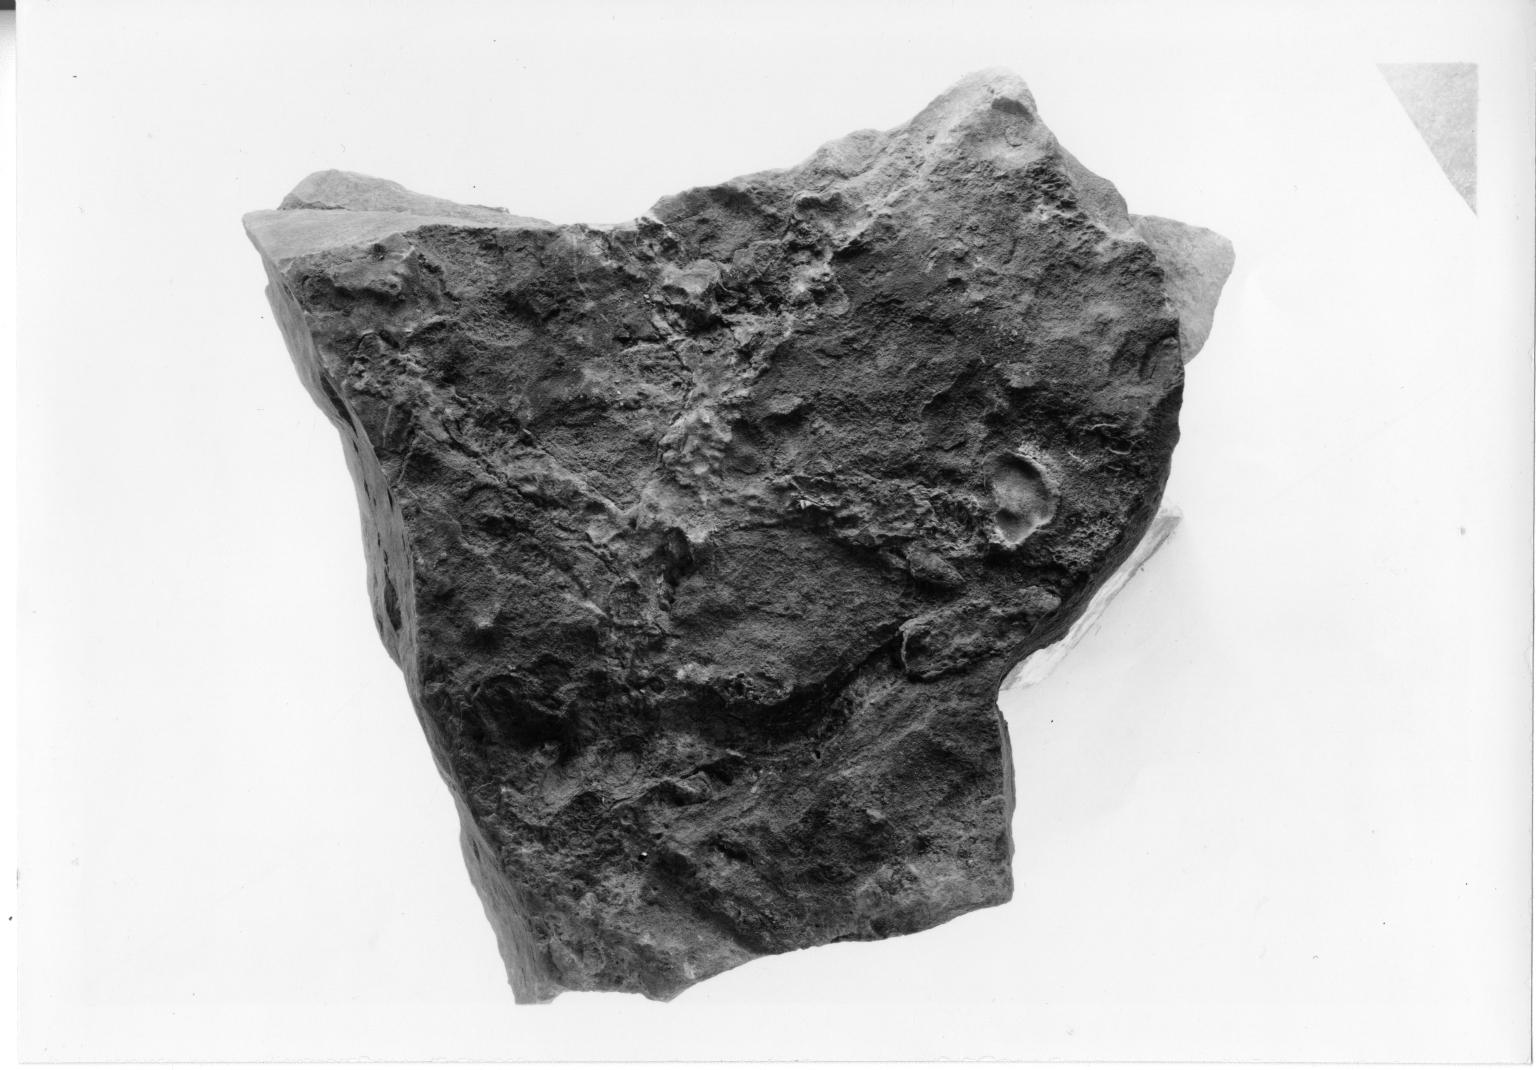 Fossil seaweed